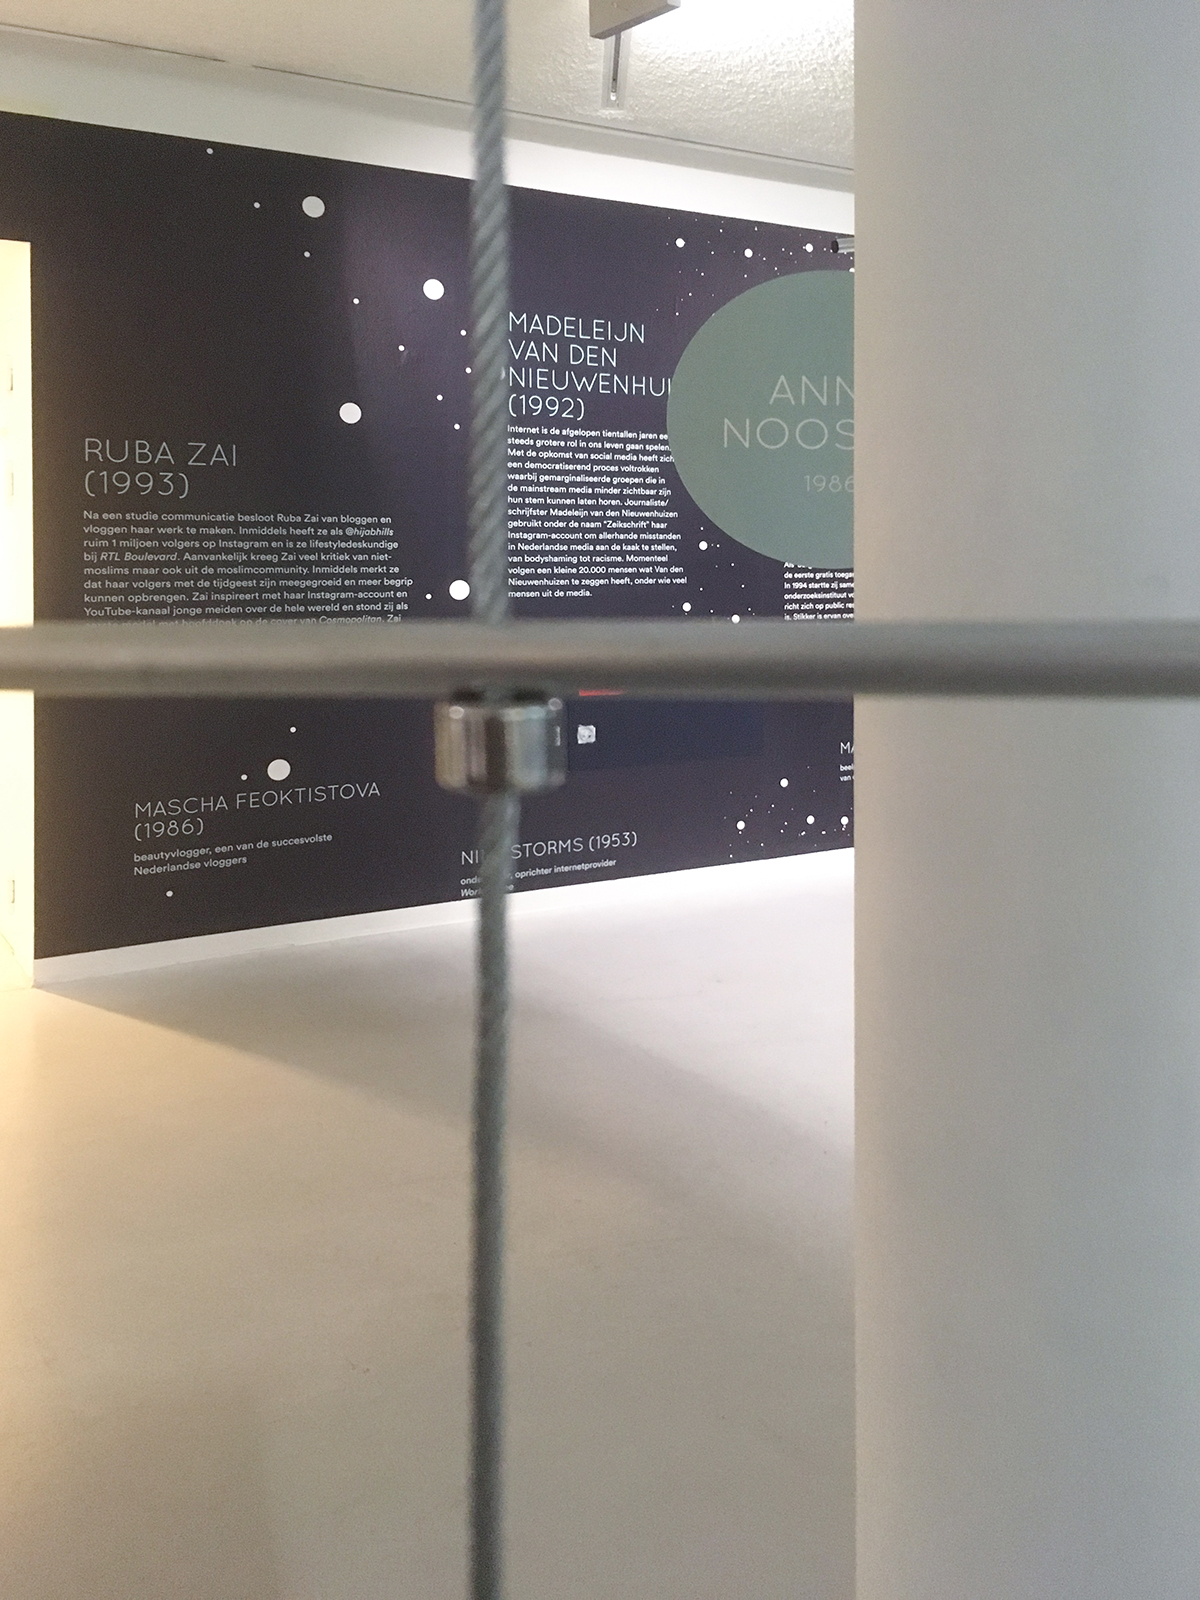 Mobiles Museum Hilversum